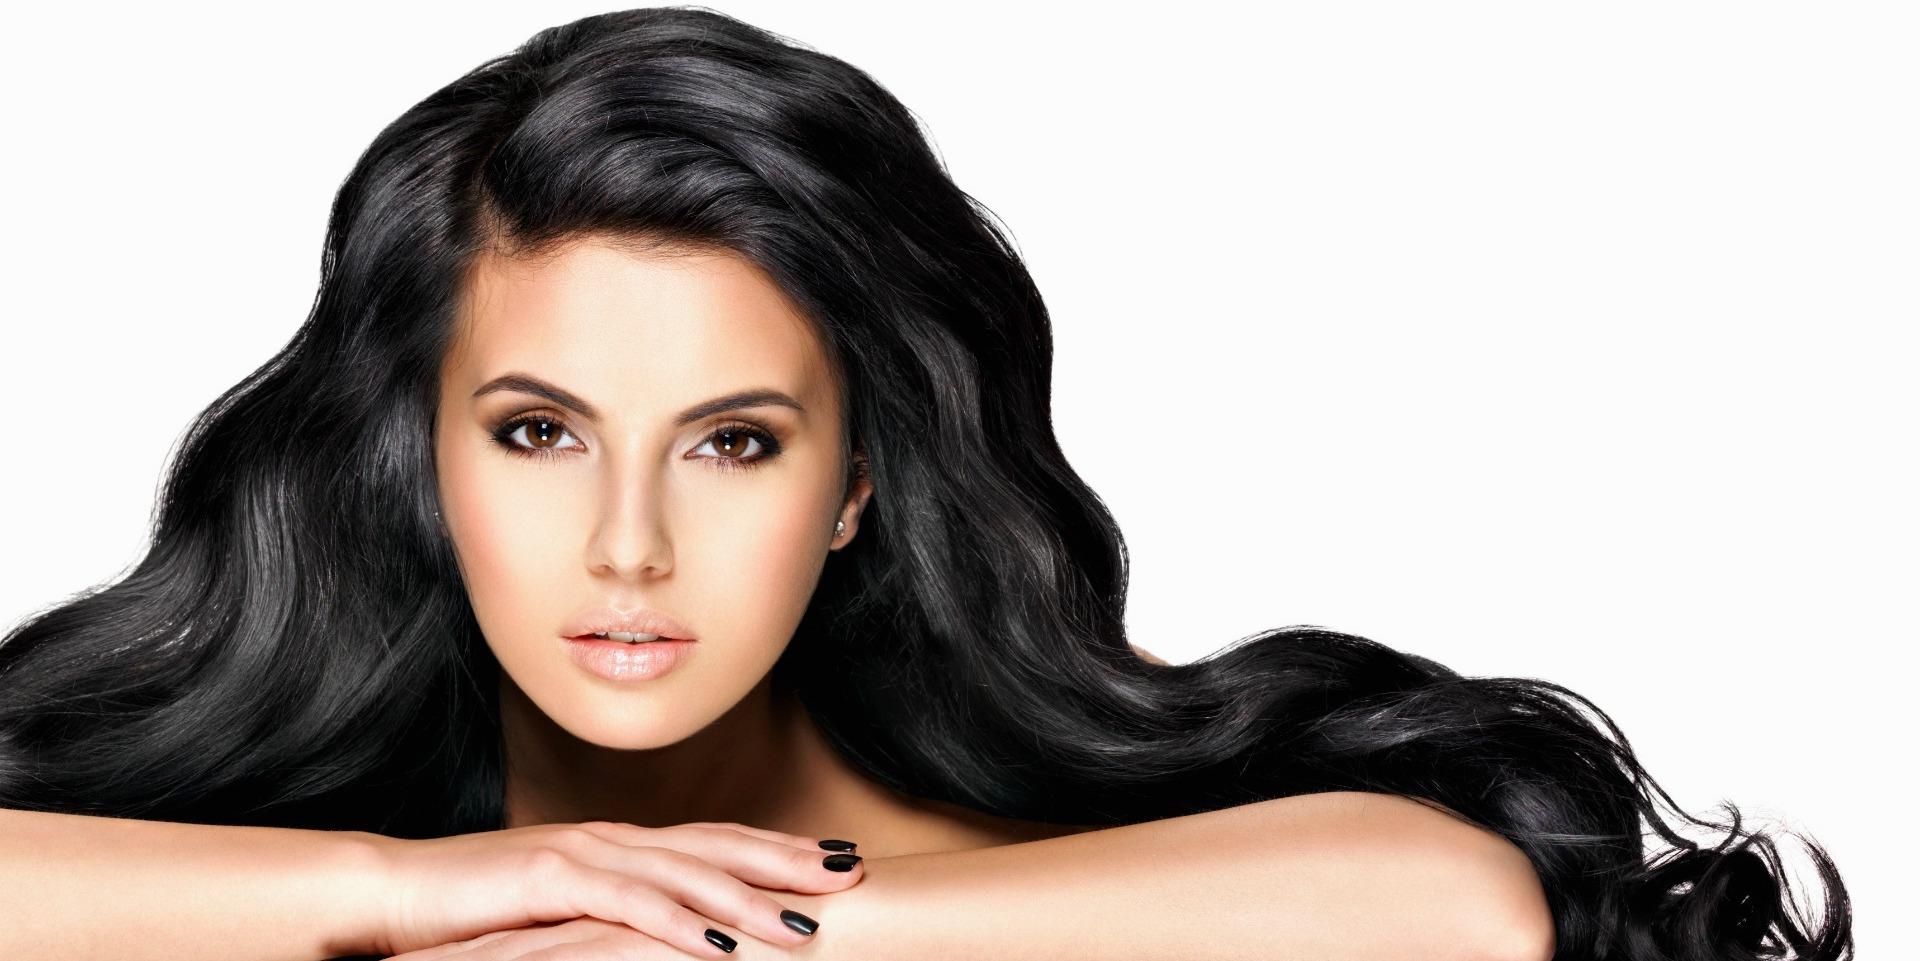 какао для волос2 - Волшебные свойства масла какао - маски для волос!